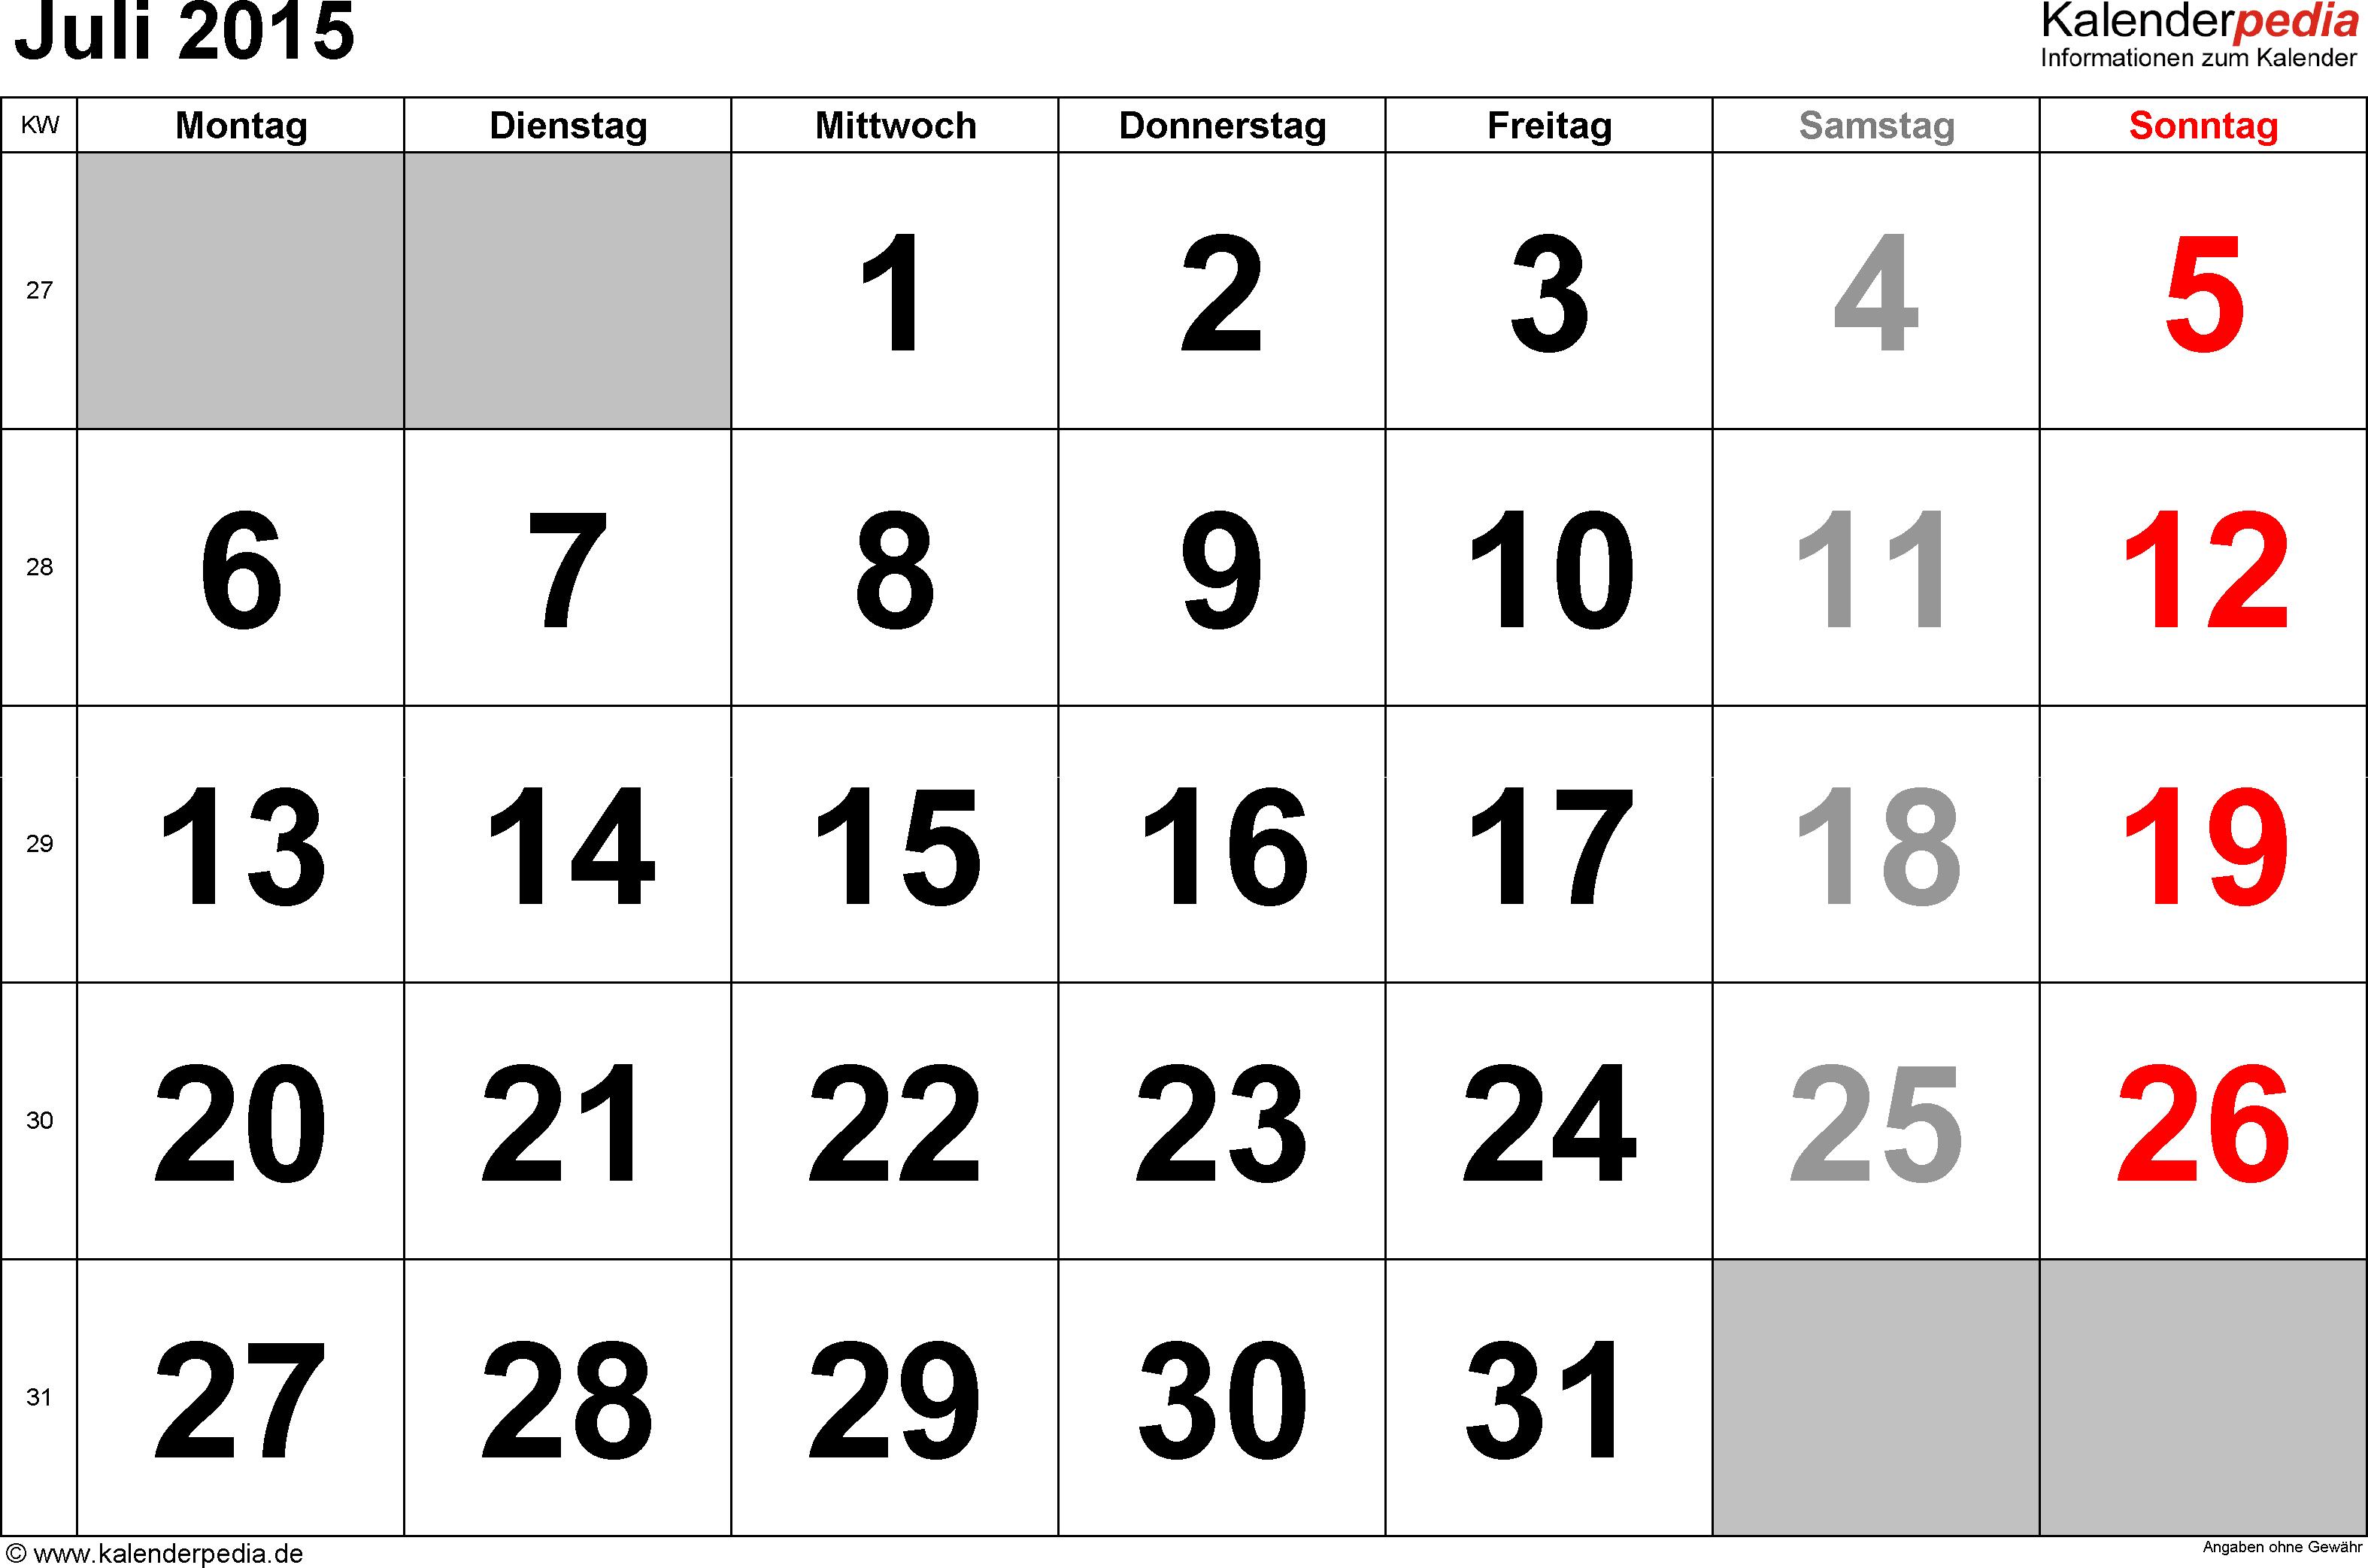 Kalender Juli 2015 im Querformat, grosse Ziffern